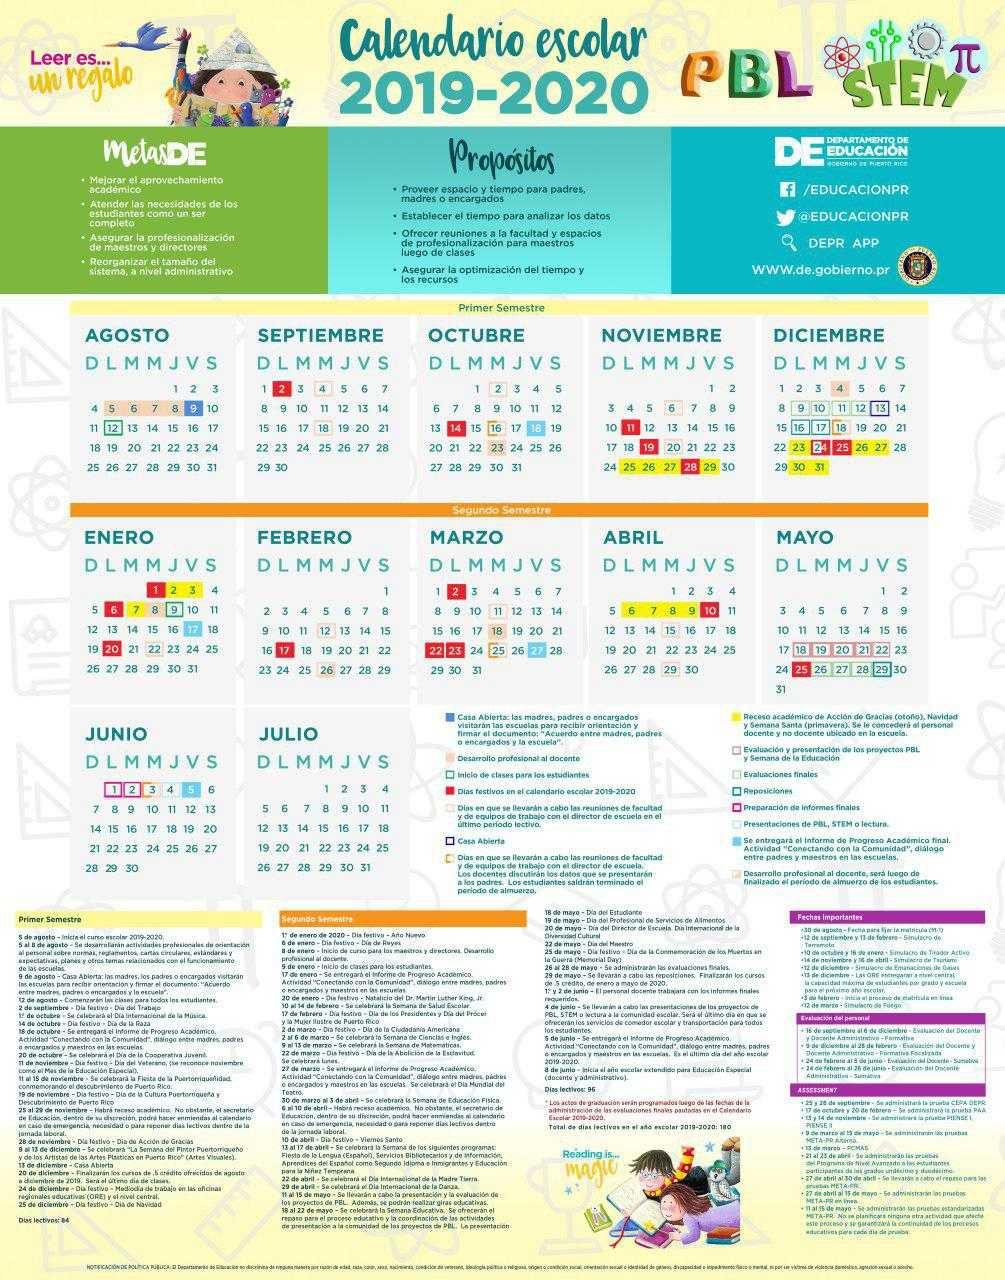 Calendario escolar 2019-2020.jpg